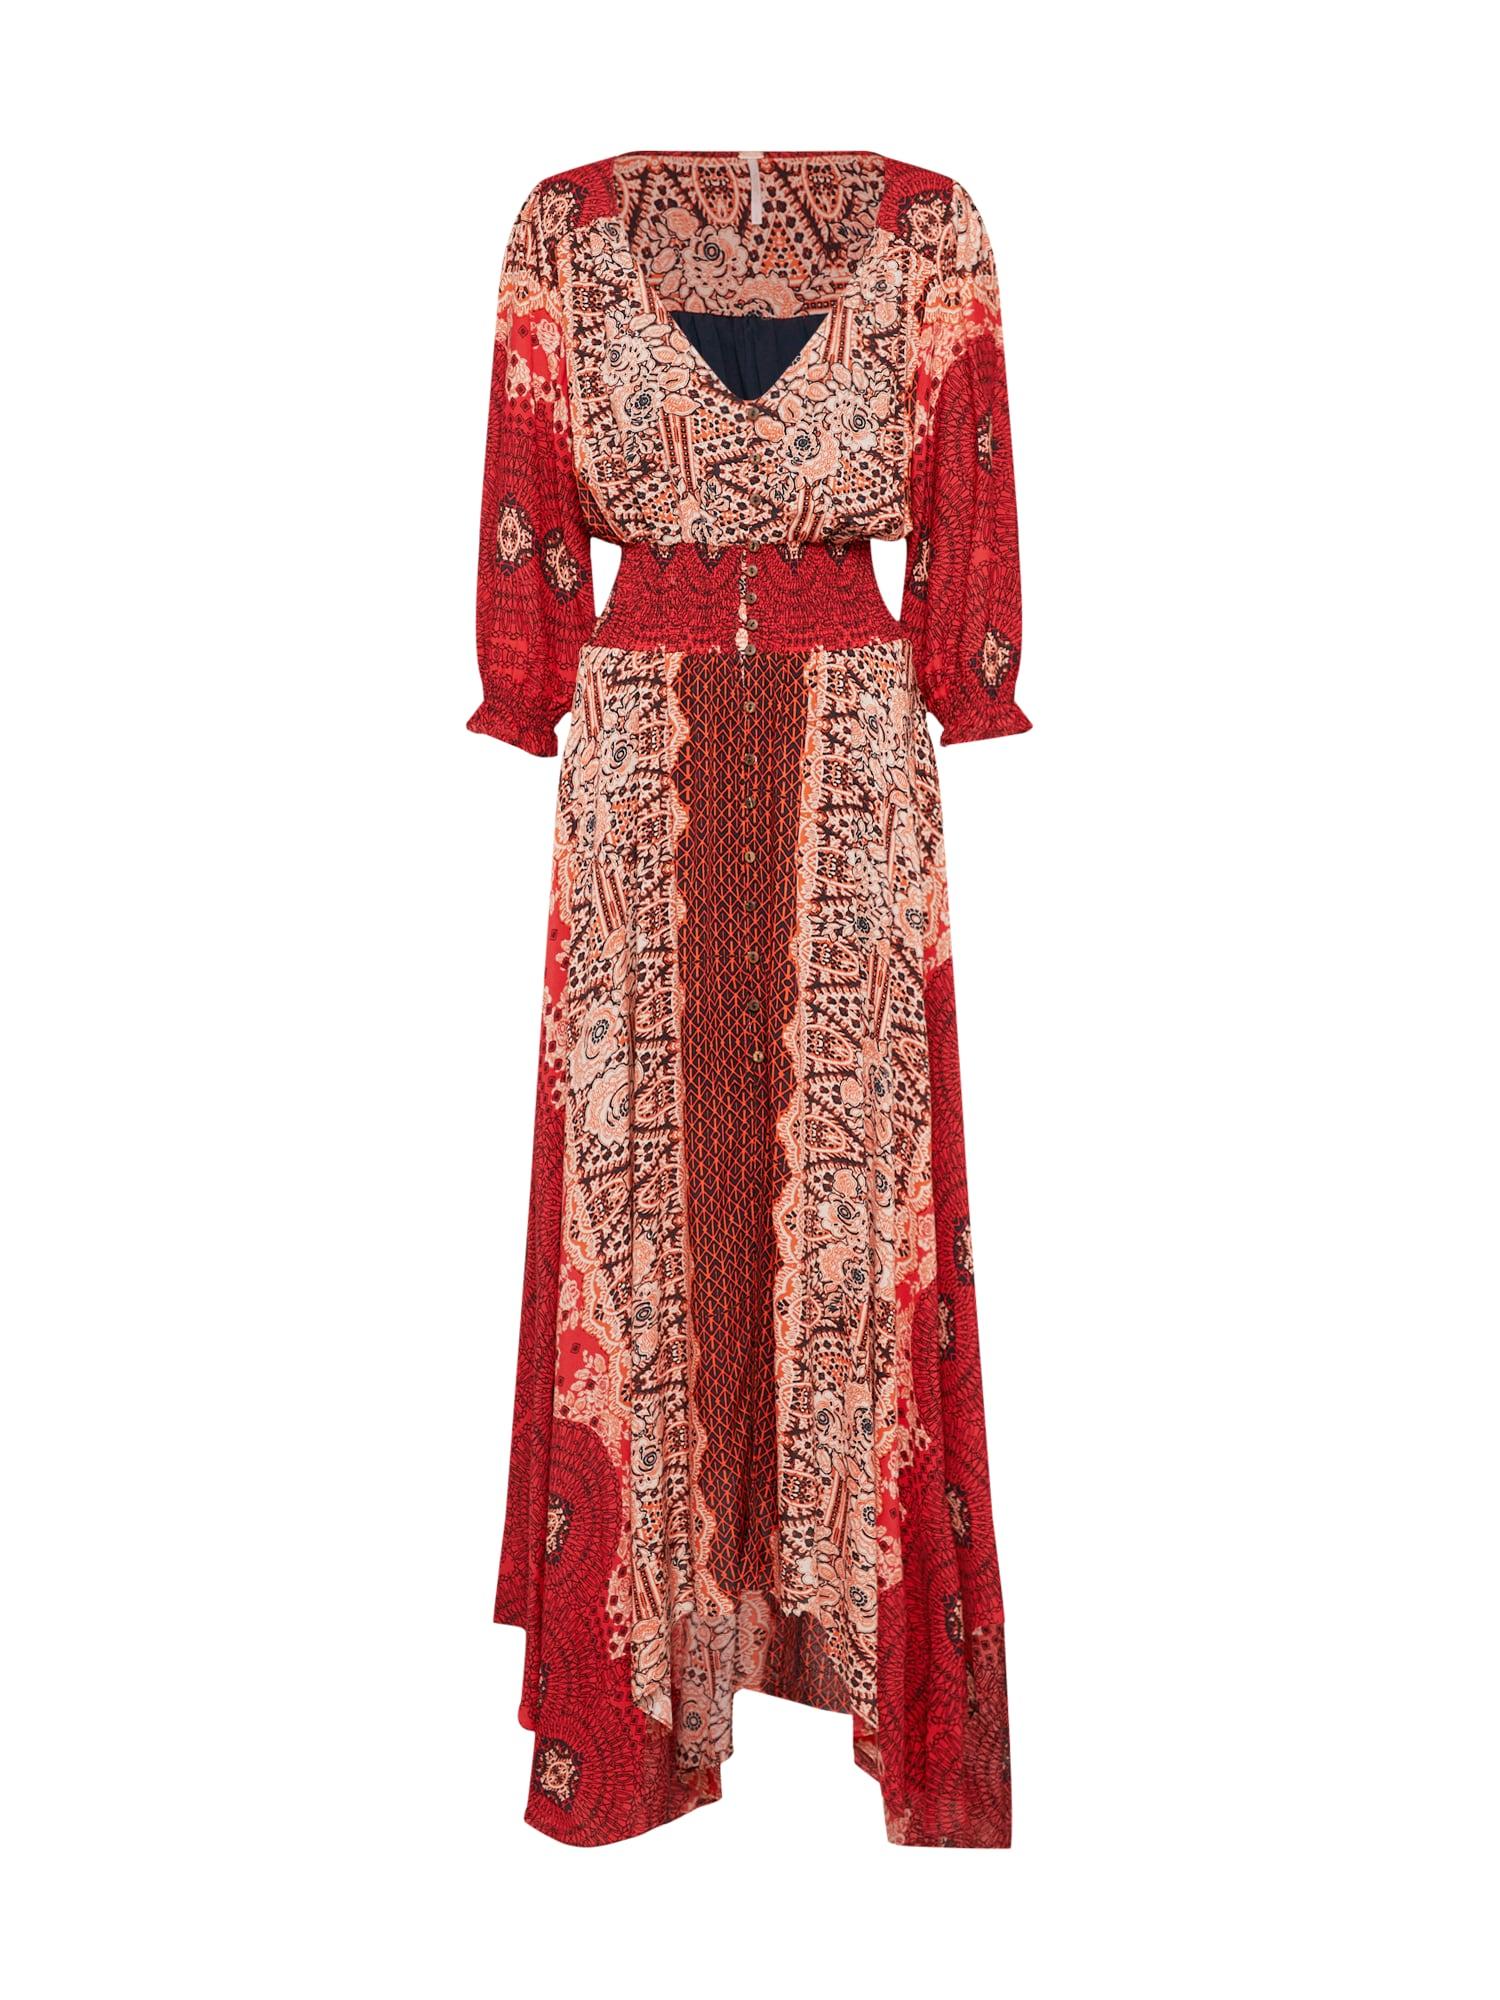 Letní šaty MEXICALI ROSE červená Free People